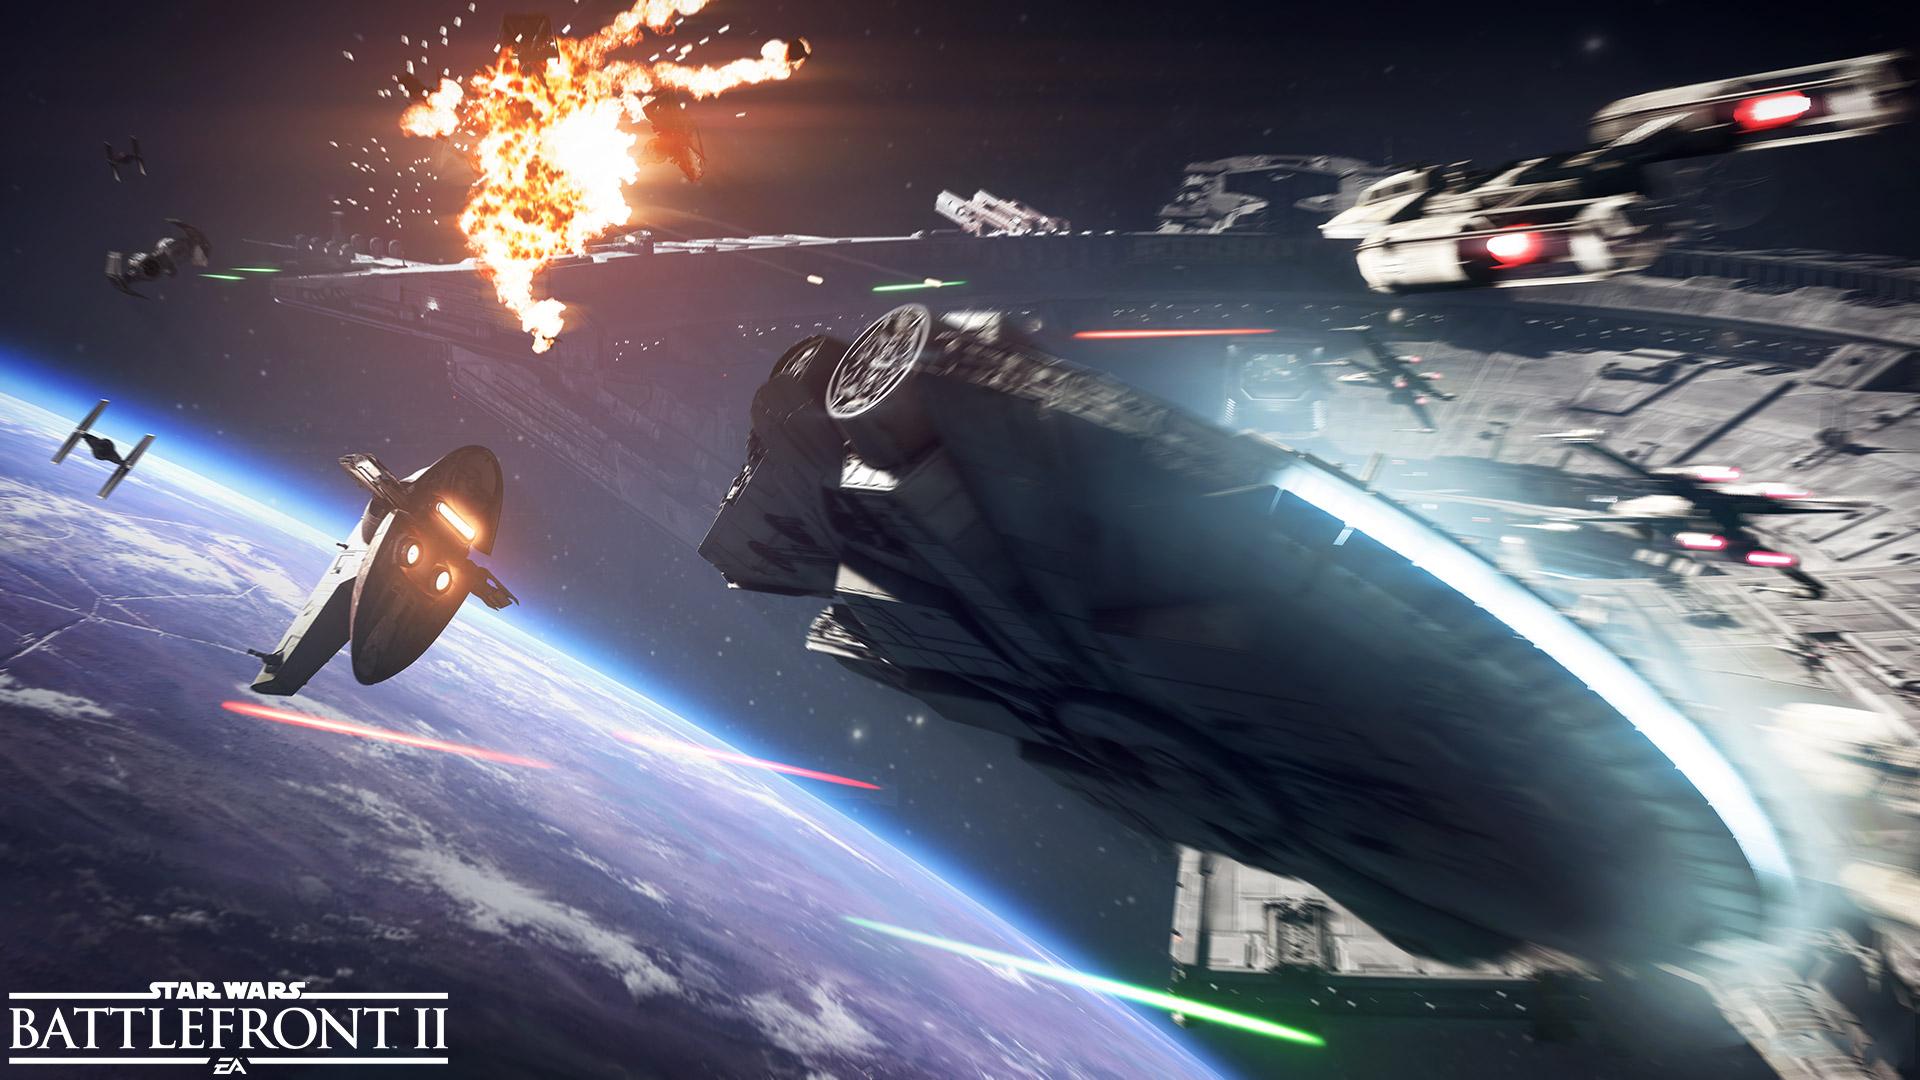 Star Wars Battlefront 2 Wallpaper 10 Wallpapersbq